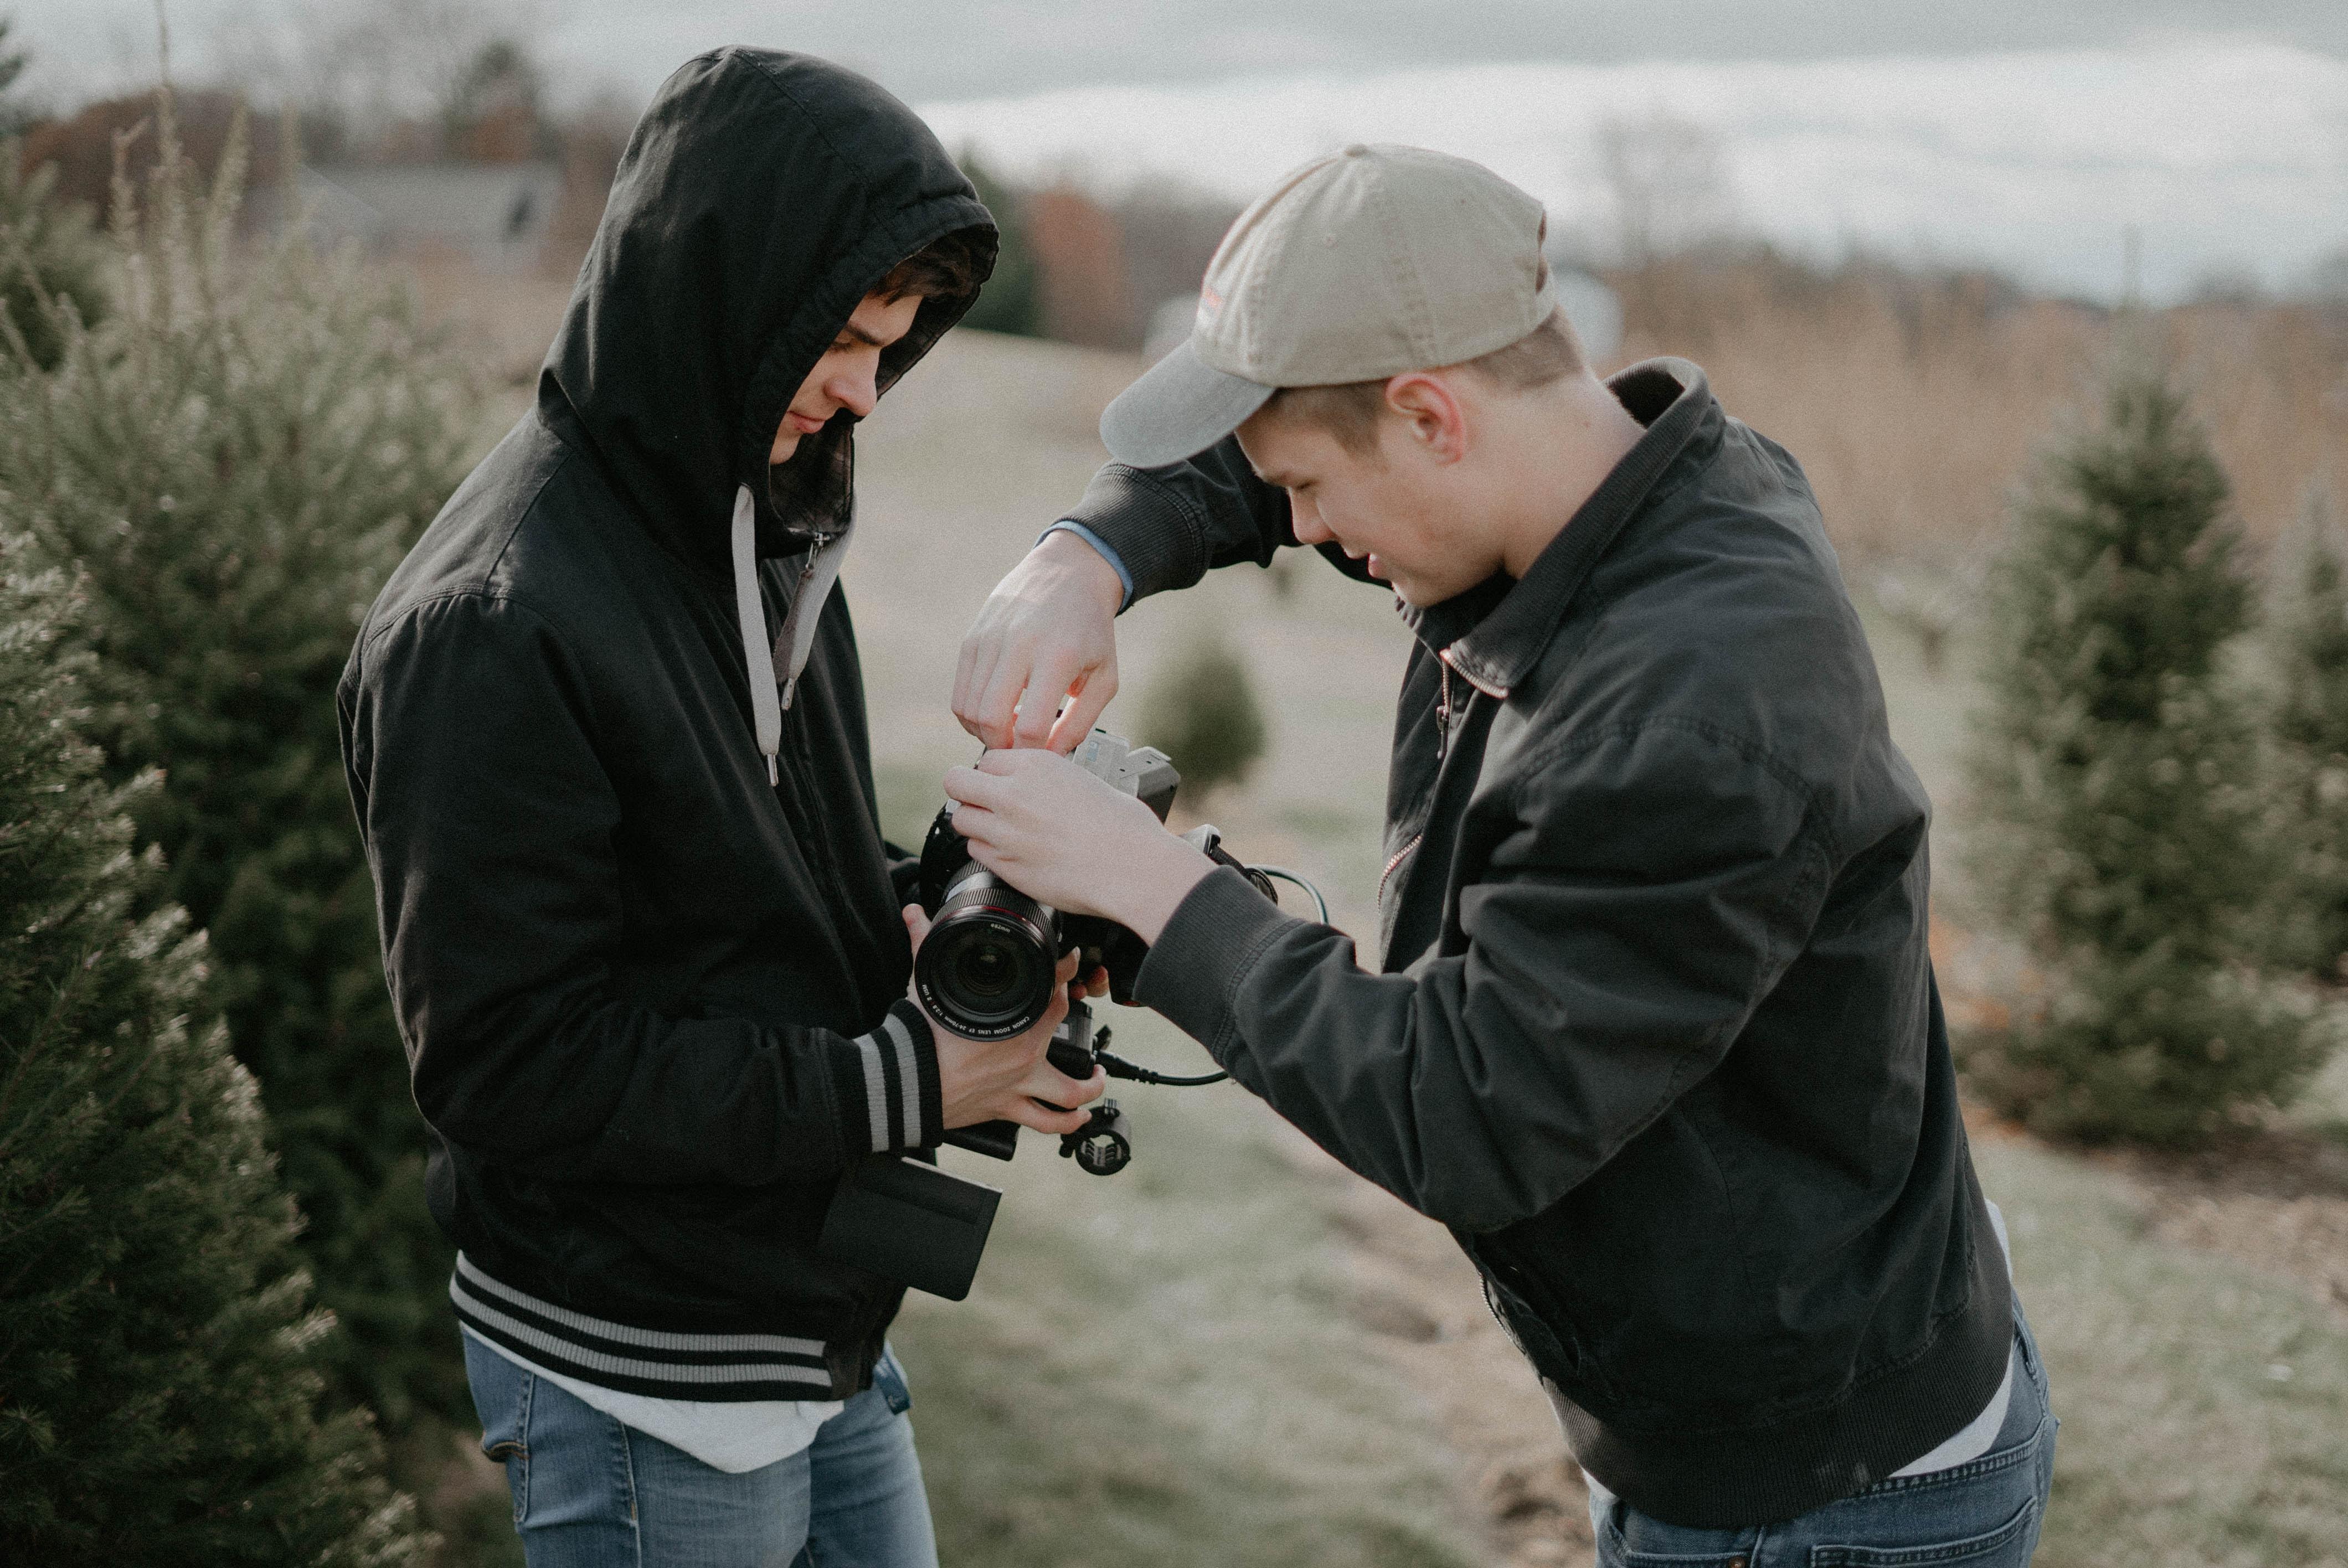 man fixing DSLR camera while man holding